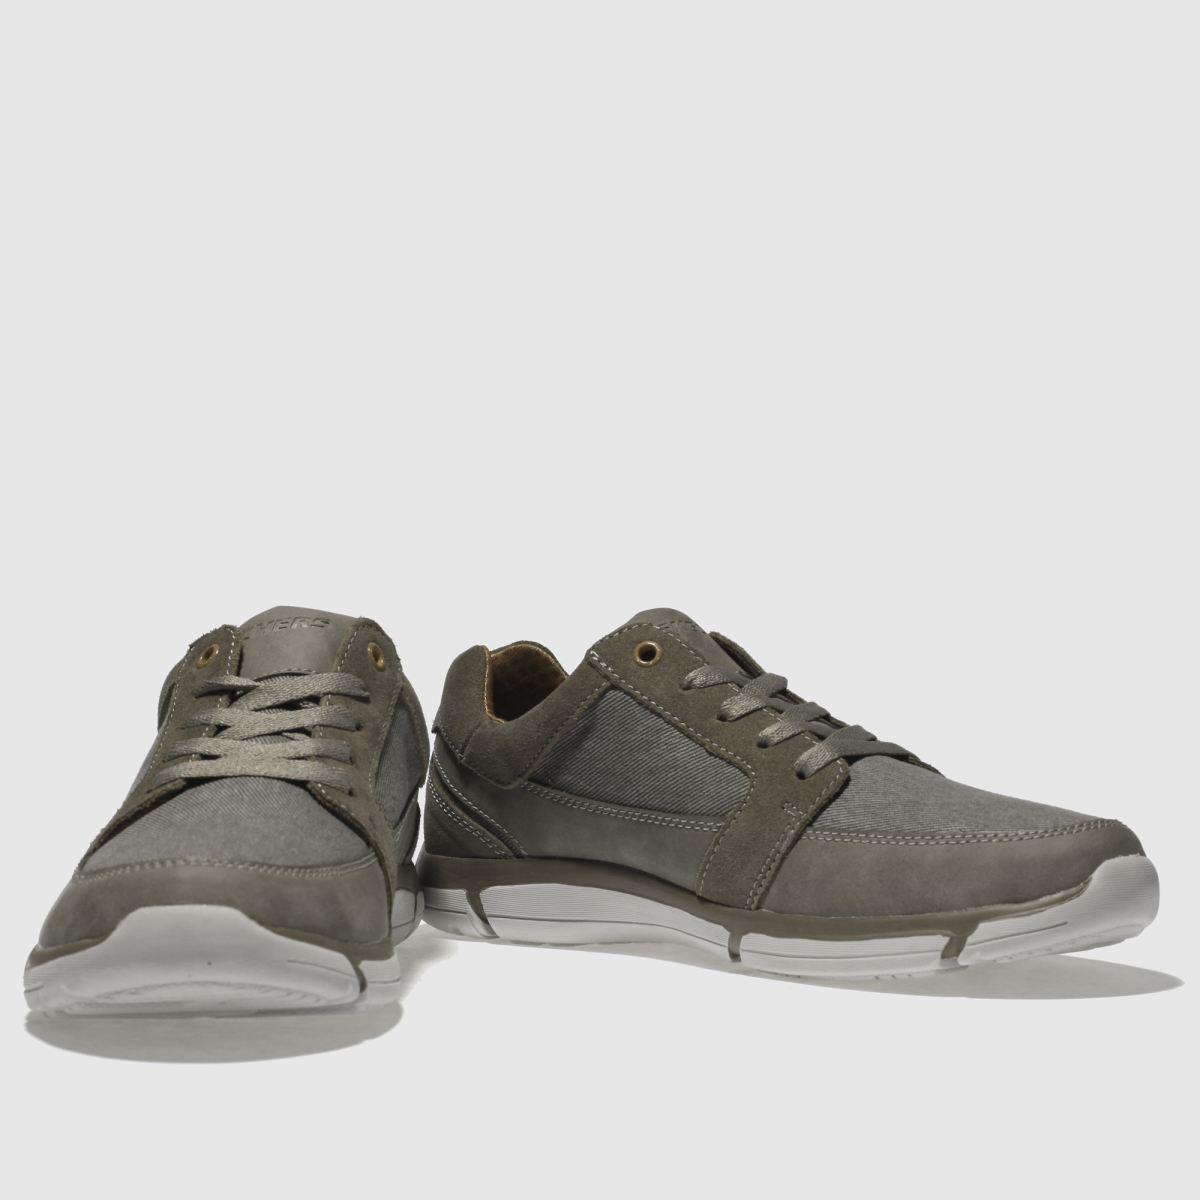 Herren Grau skechers Edmen Ristone Schuhe | schuh Gute Qualität beliebte Schuhe